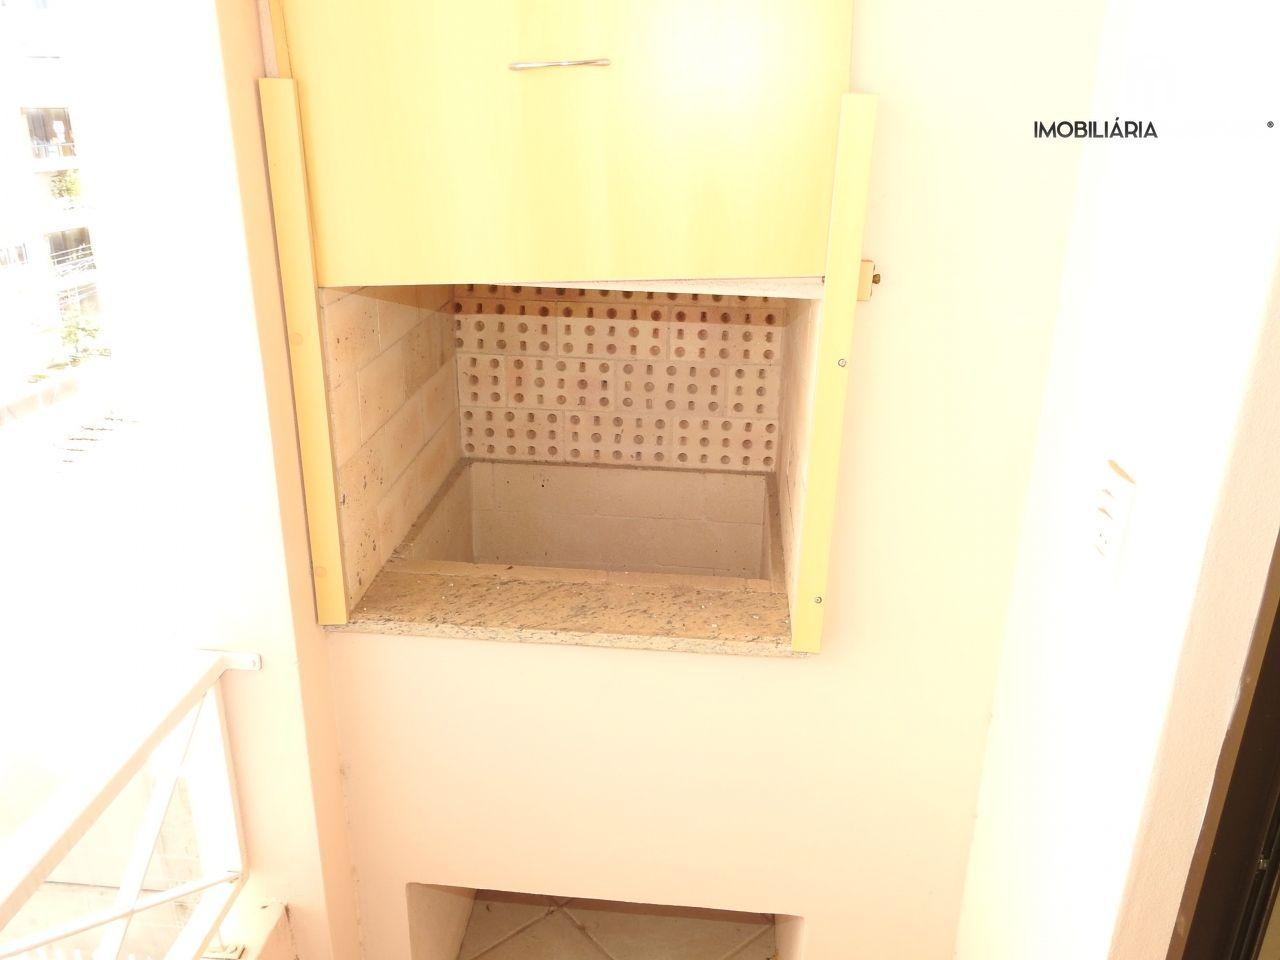 Apartamento com 2 Dormitórios à venda, 70 m² por R$ 270.000,00